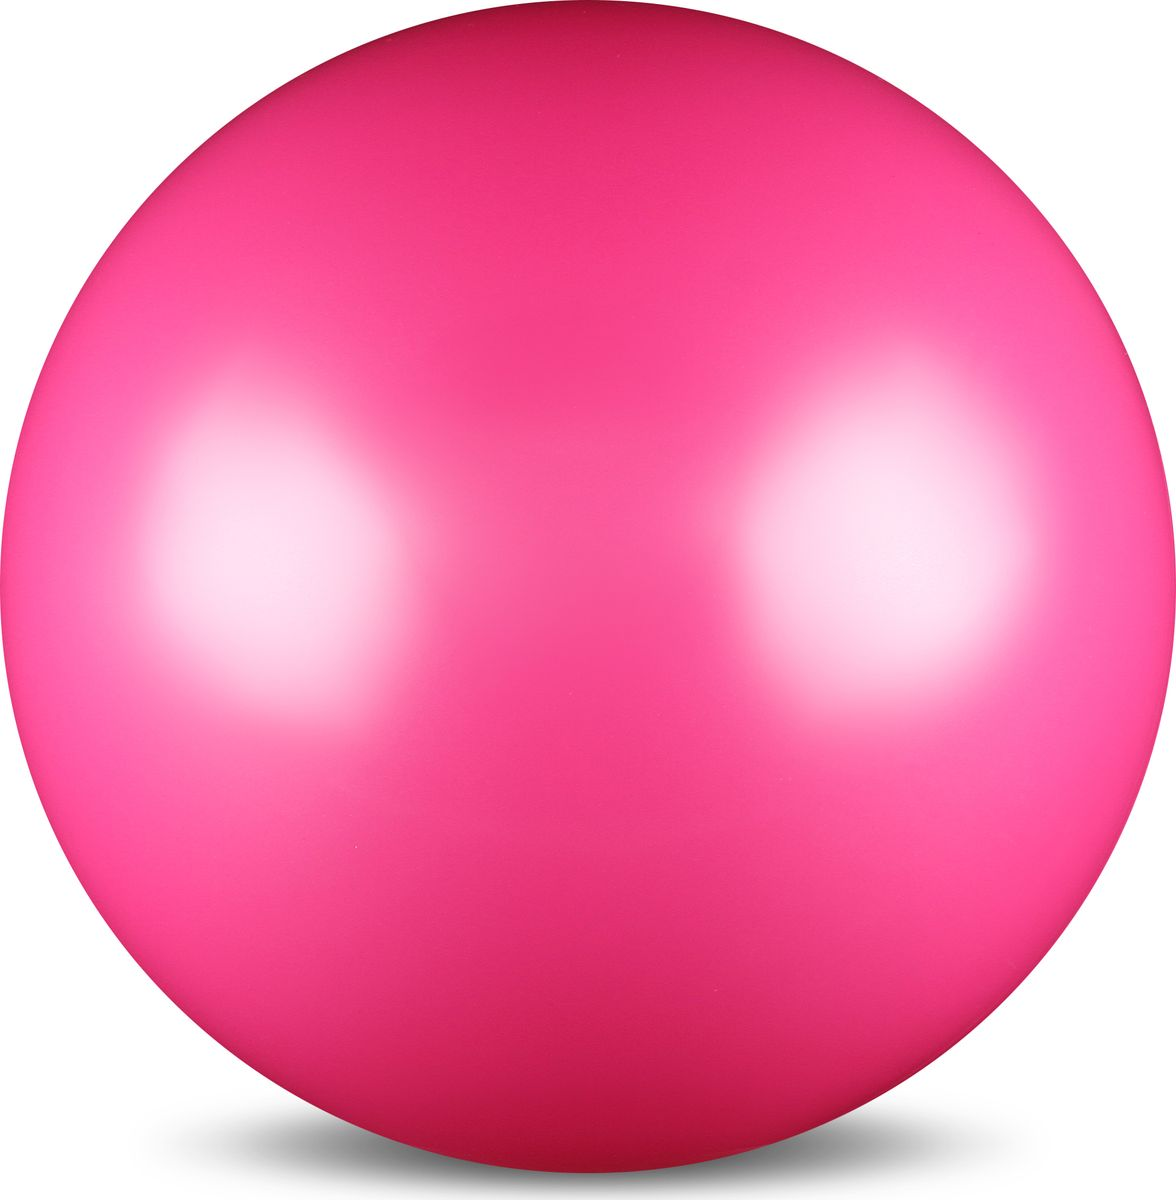 Мяч для художественной гимнастики Indigo, силиконовый, цвет: фуксия, диаметр 15 см ортопедический мяч для гимнастики в курске